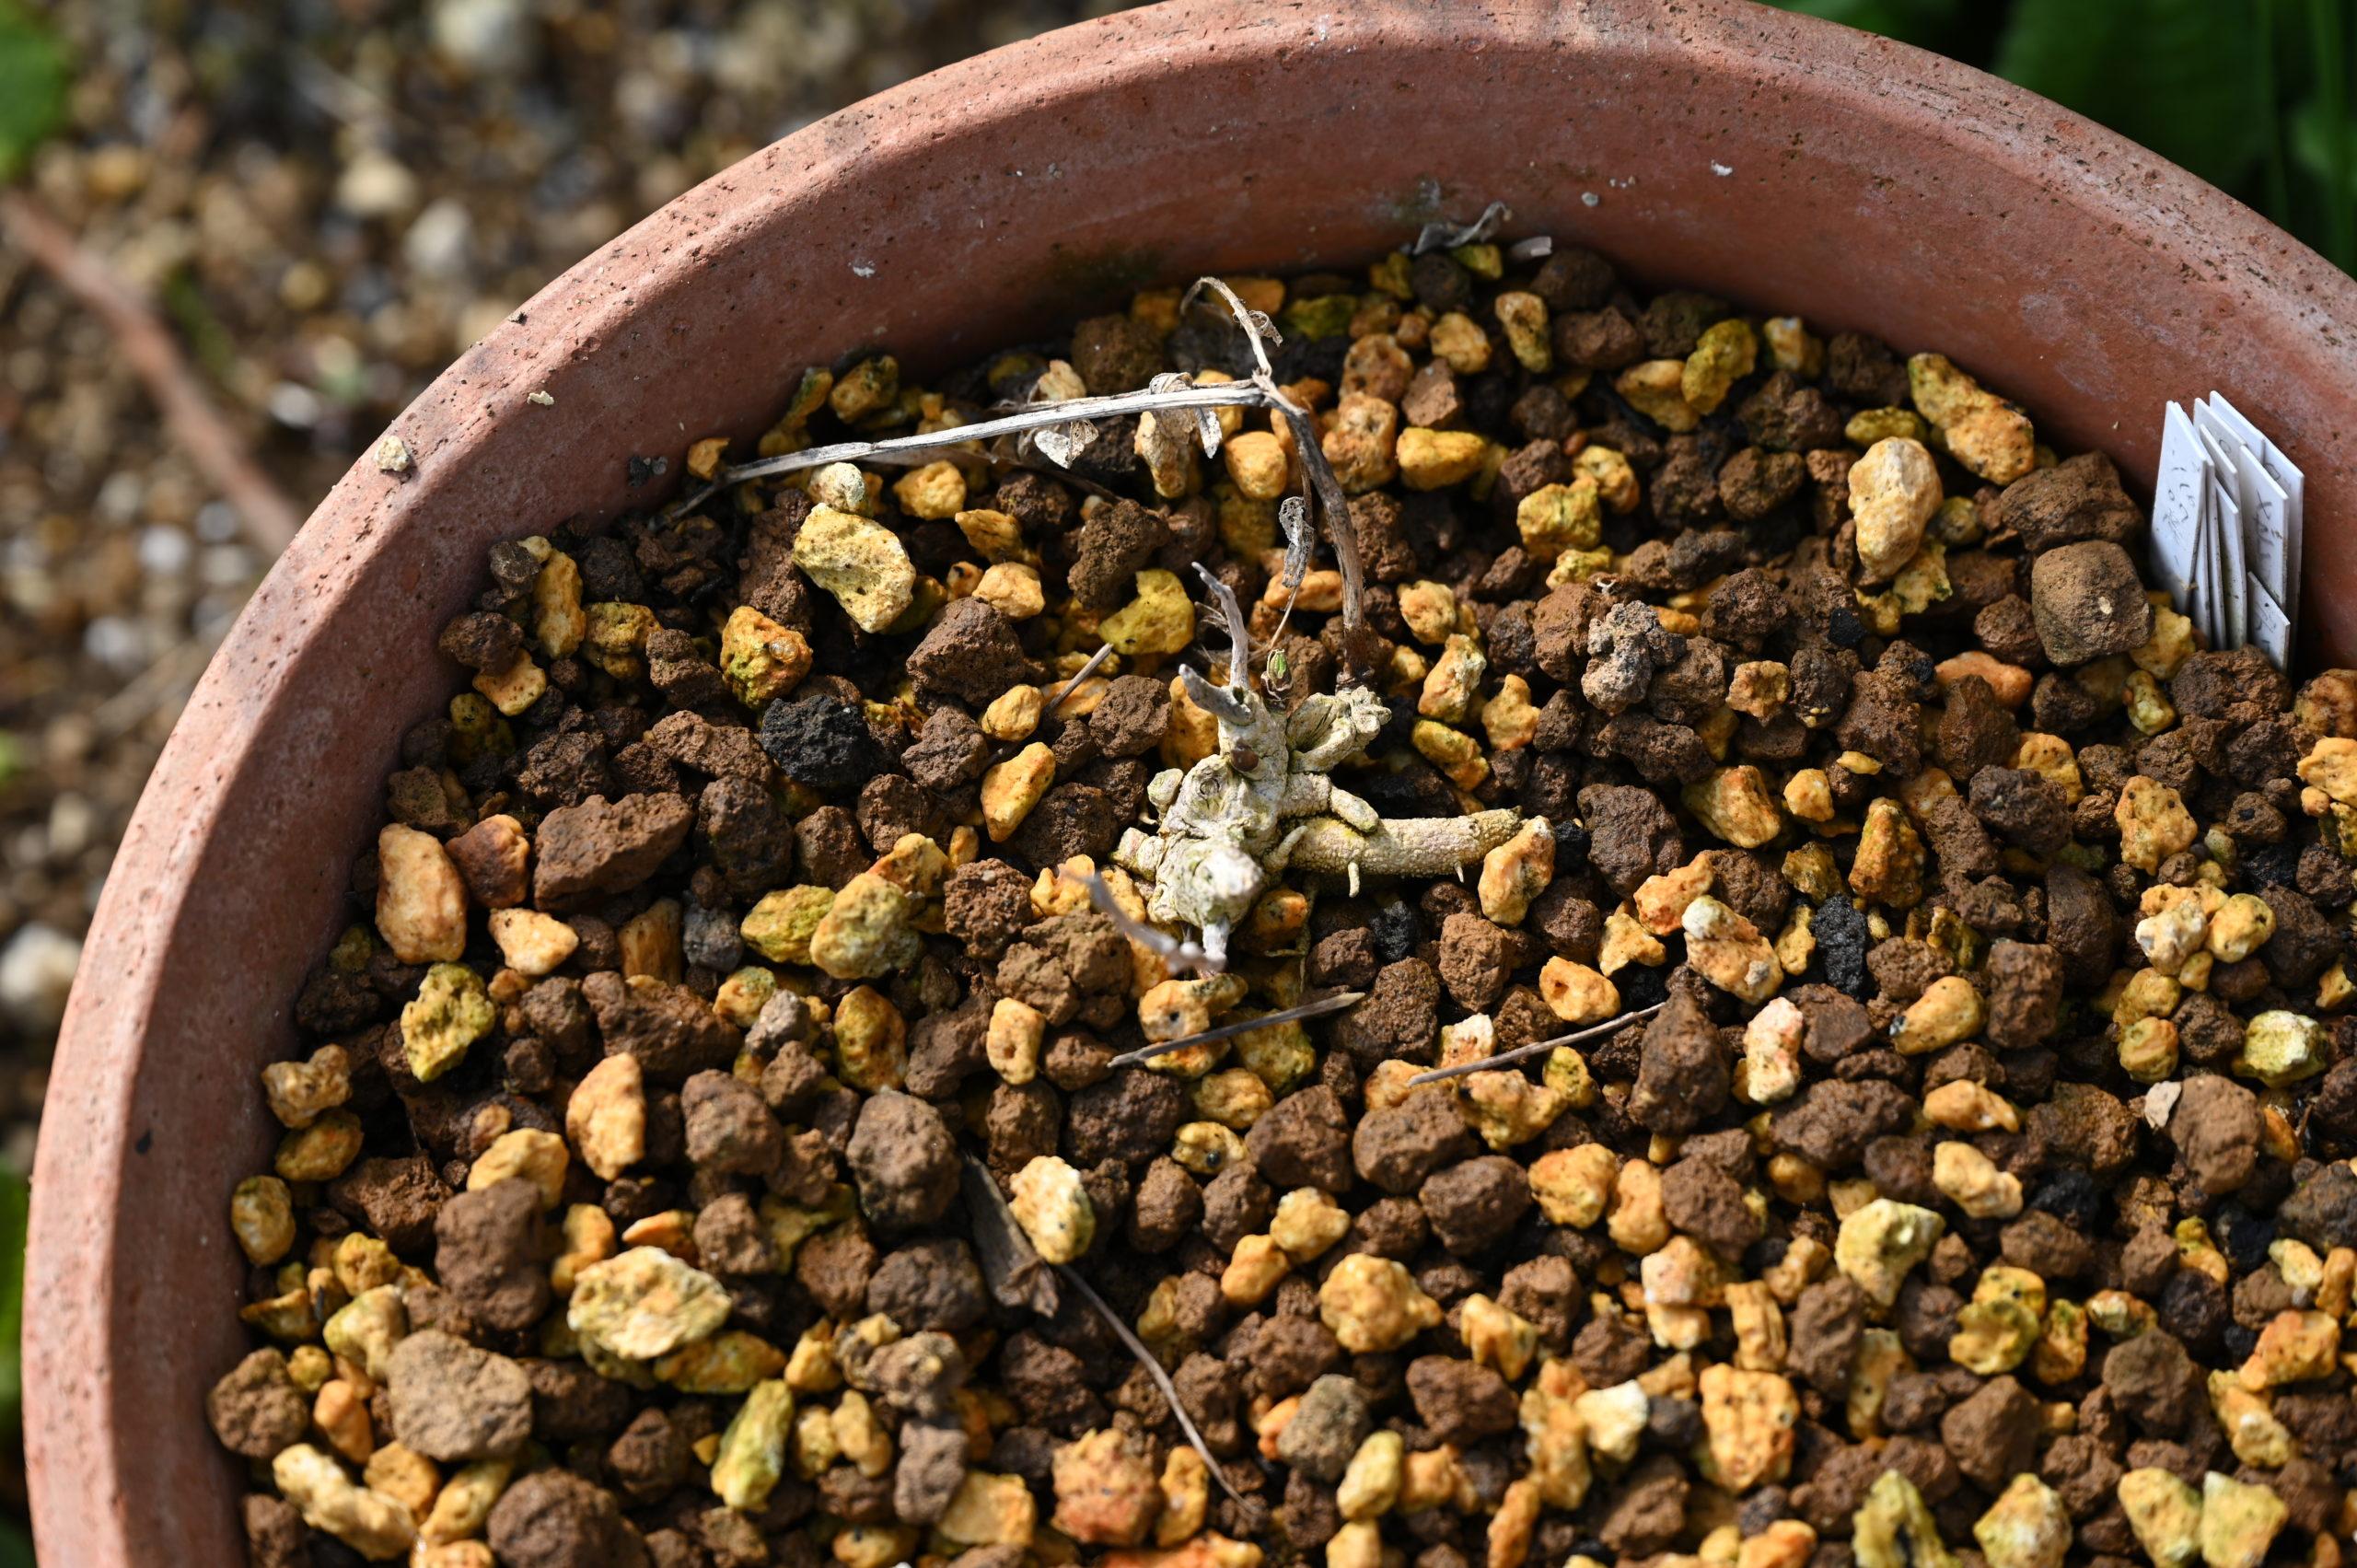 Dictamnus albus var. purpureus ディクタムナス アルブス プルプレウス (ヨウシュハクセン) Dictamnus albus ディクタムナス アルブス (ヨウシュハクセン)